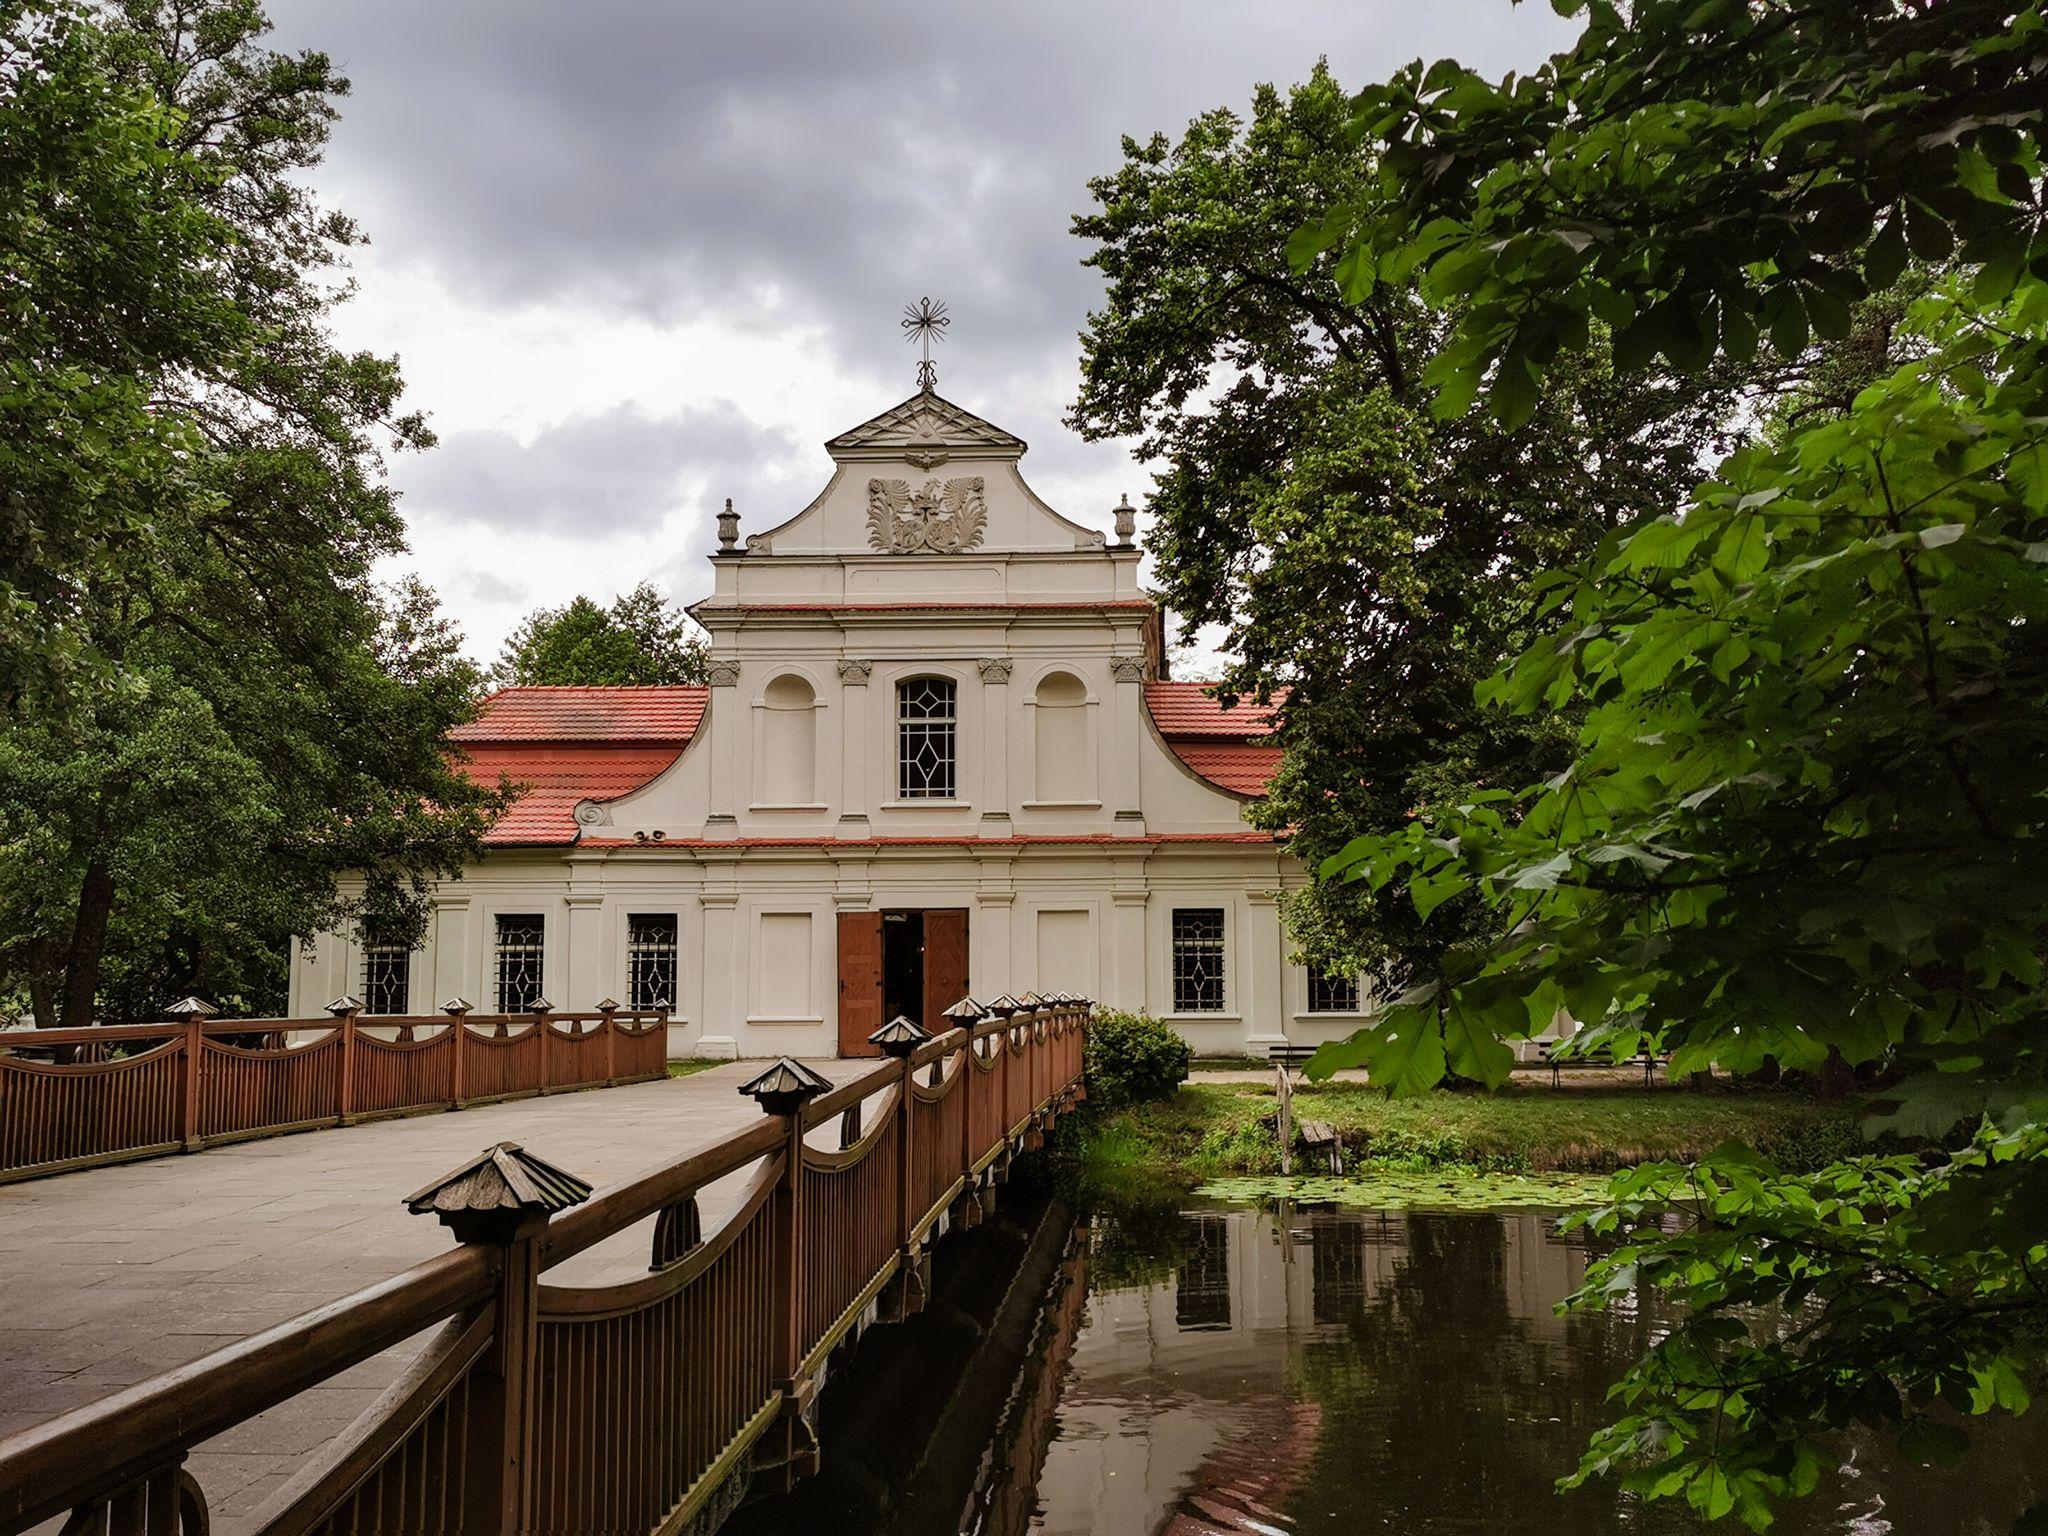 Zwierzyniec kościół na wyspie